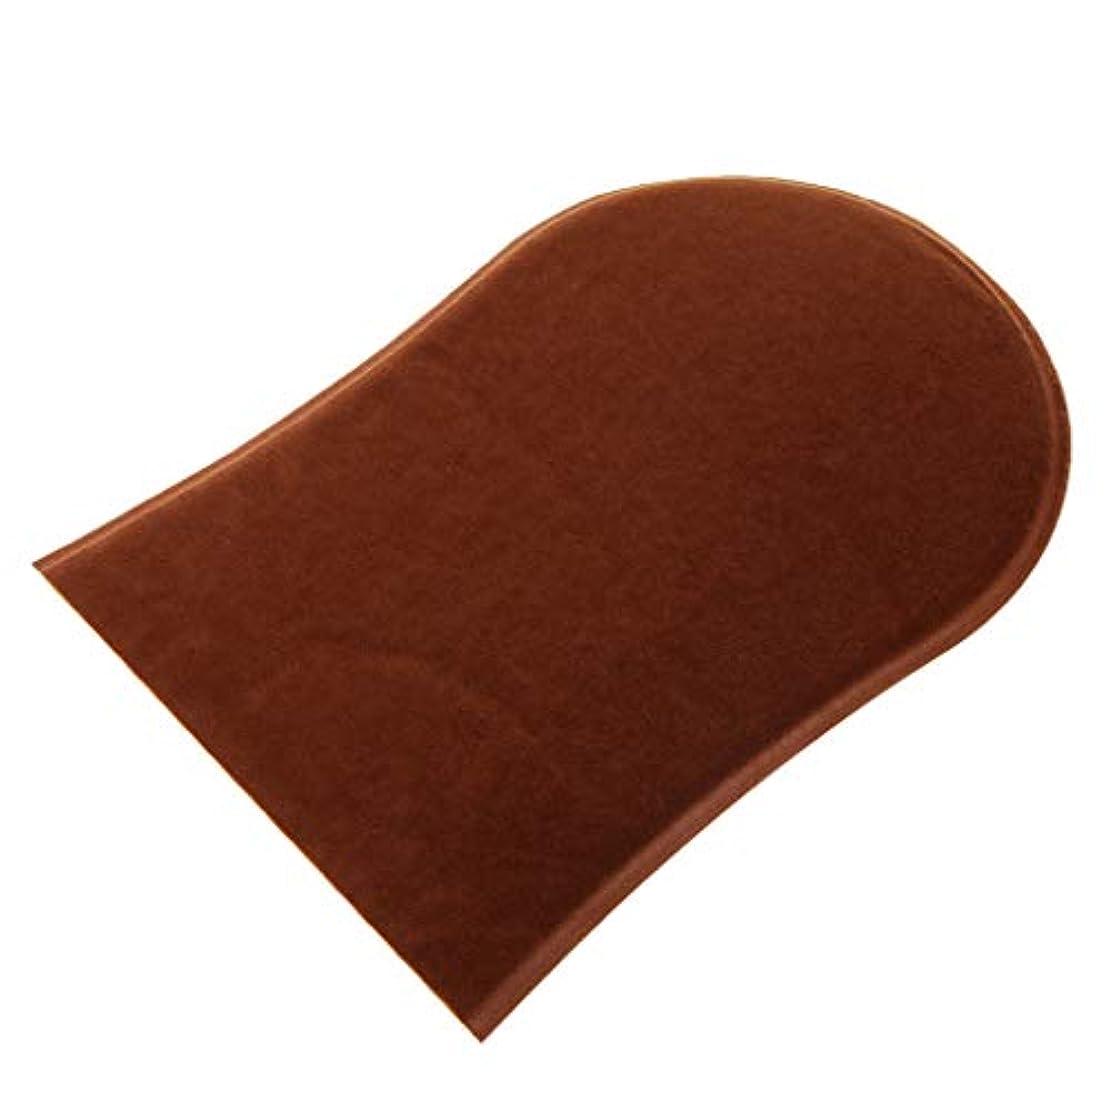 スズメバチレッドデート反応するT TOOYFUL 手袋 防水 再利用可能 滑らか ハンドケア セルフタンニング 両面 約19*12cm